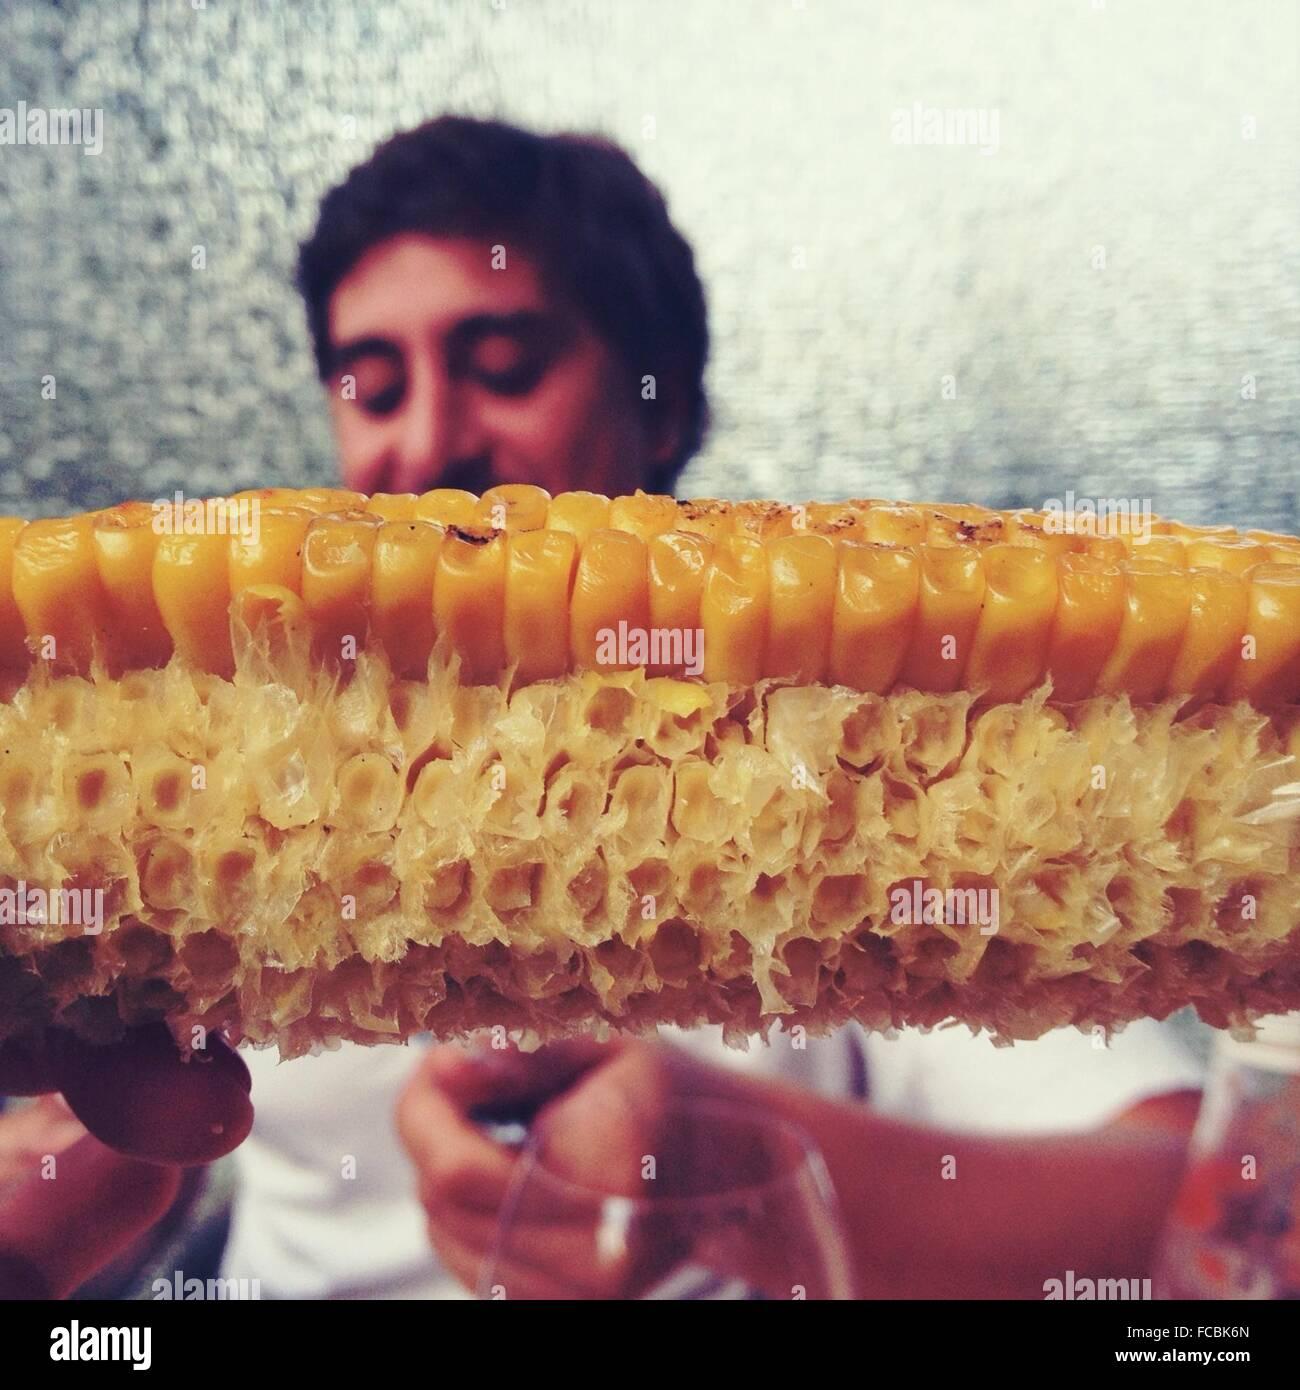 Detail des gegessenen Mais mit Mann im Hintergrund Stockbild